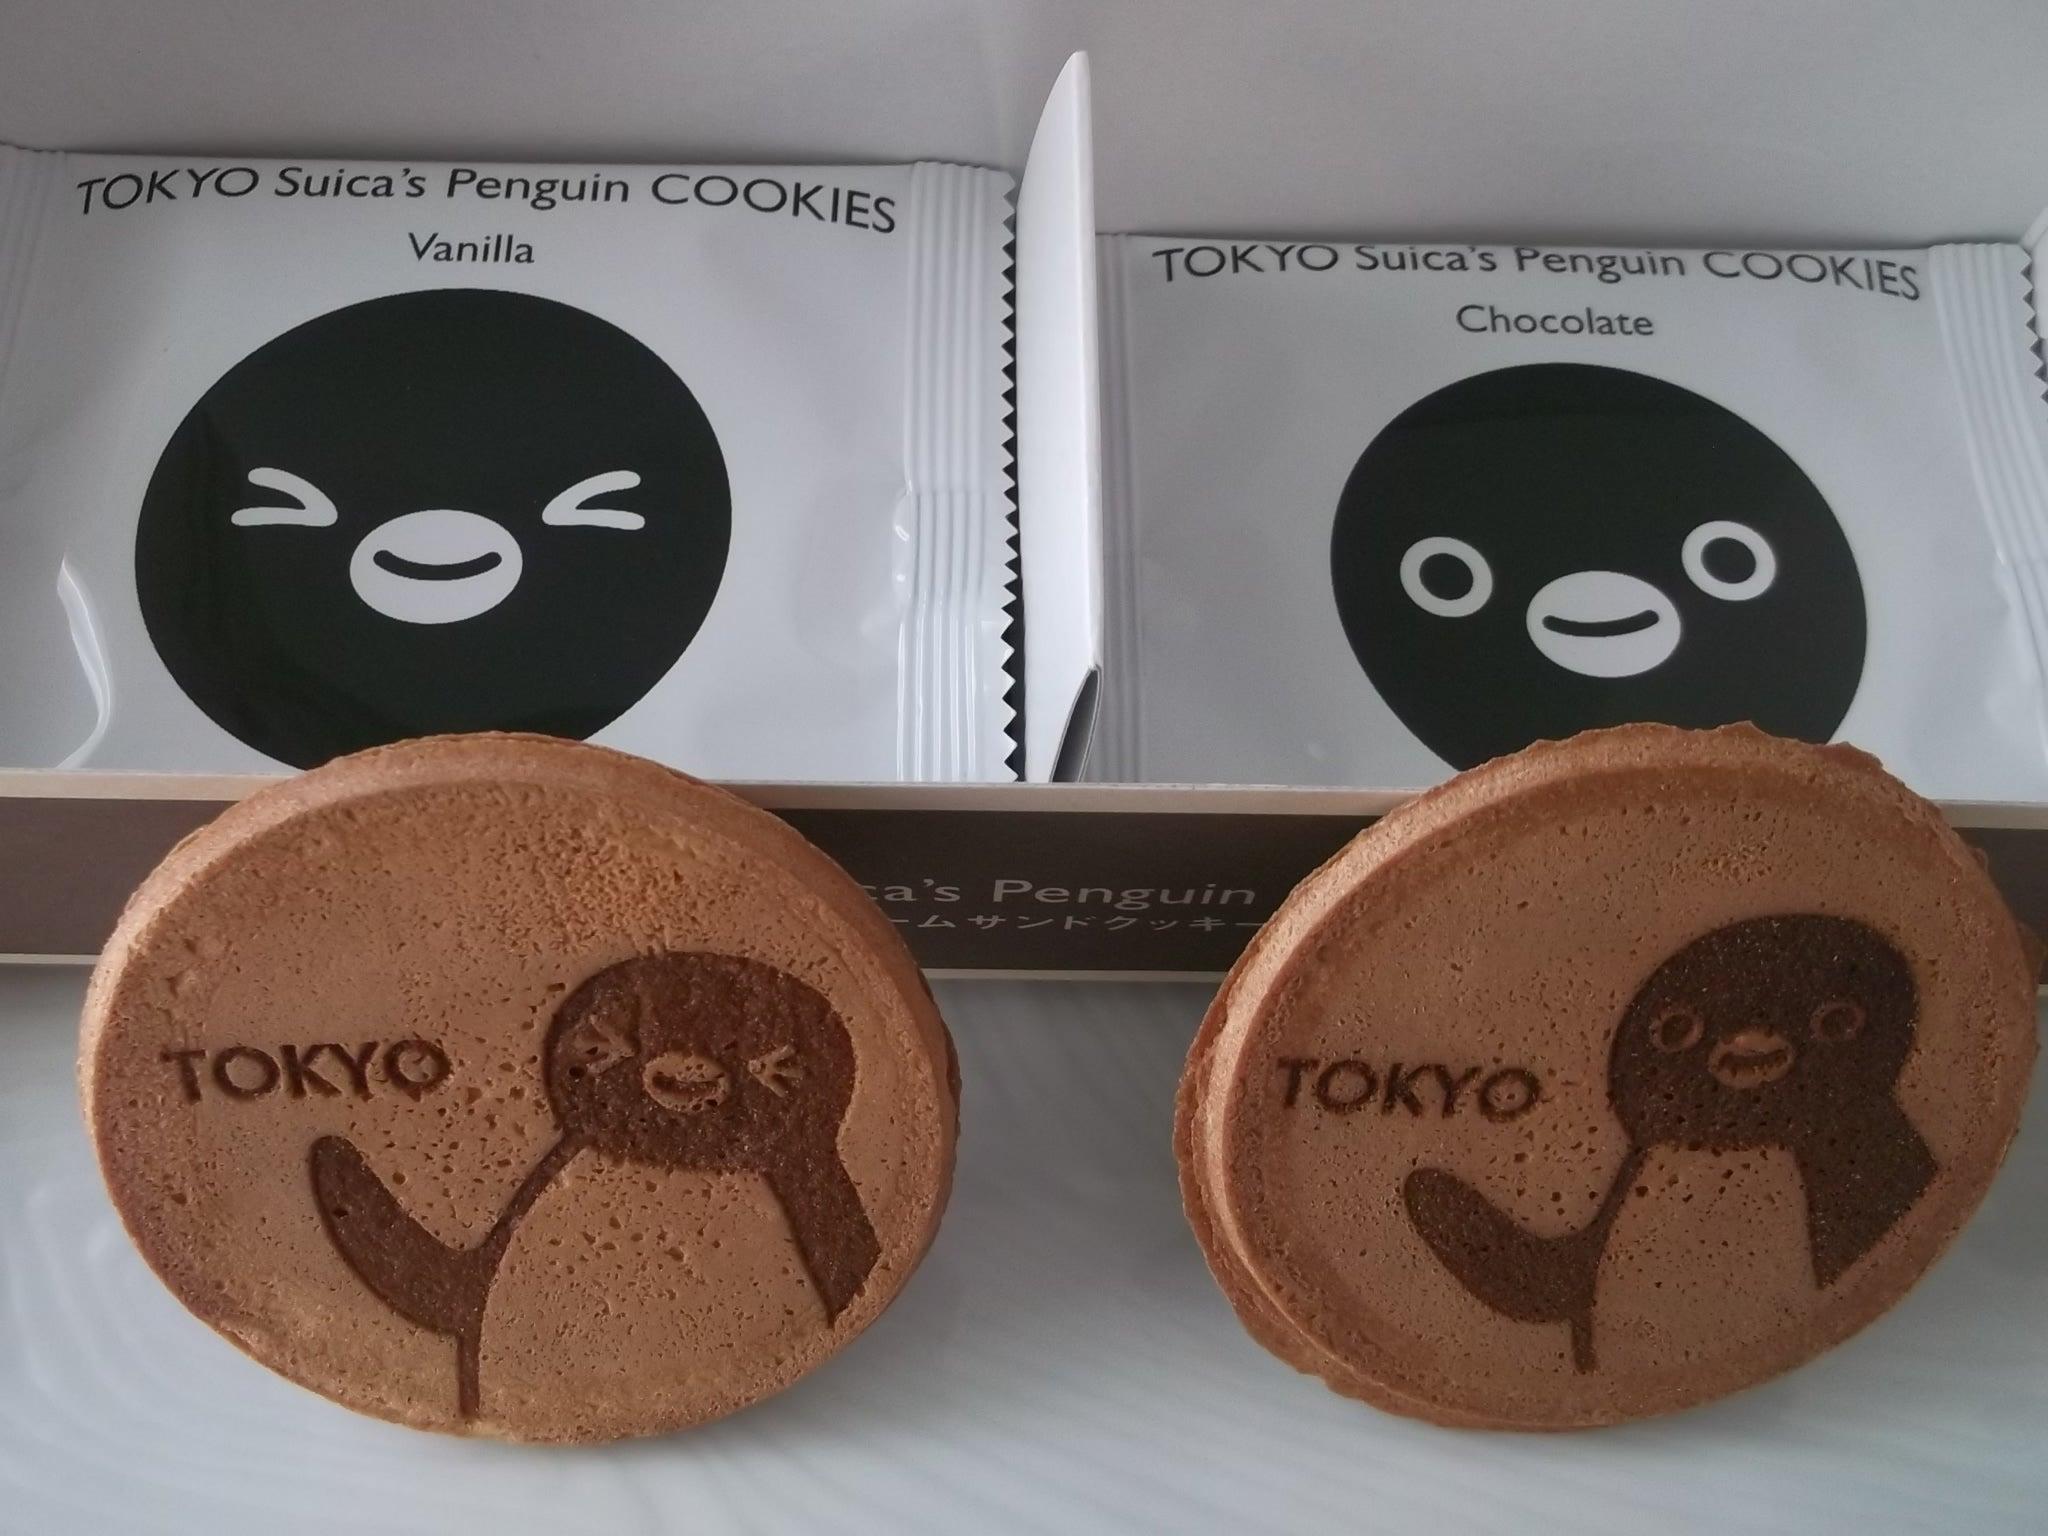 Suicaのペンギンクッキー 東京駅限定 とほほママの楽しい3k日記